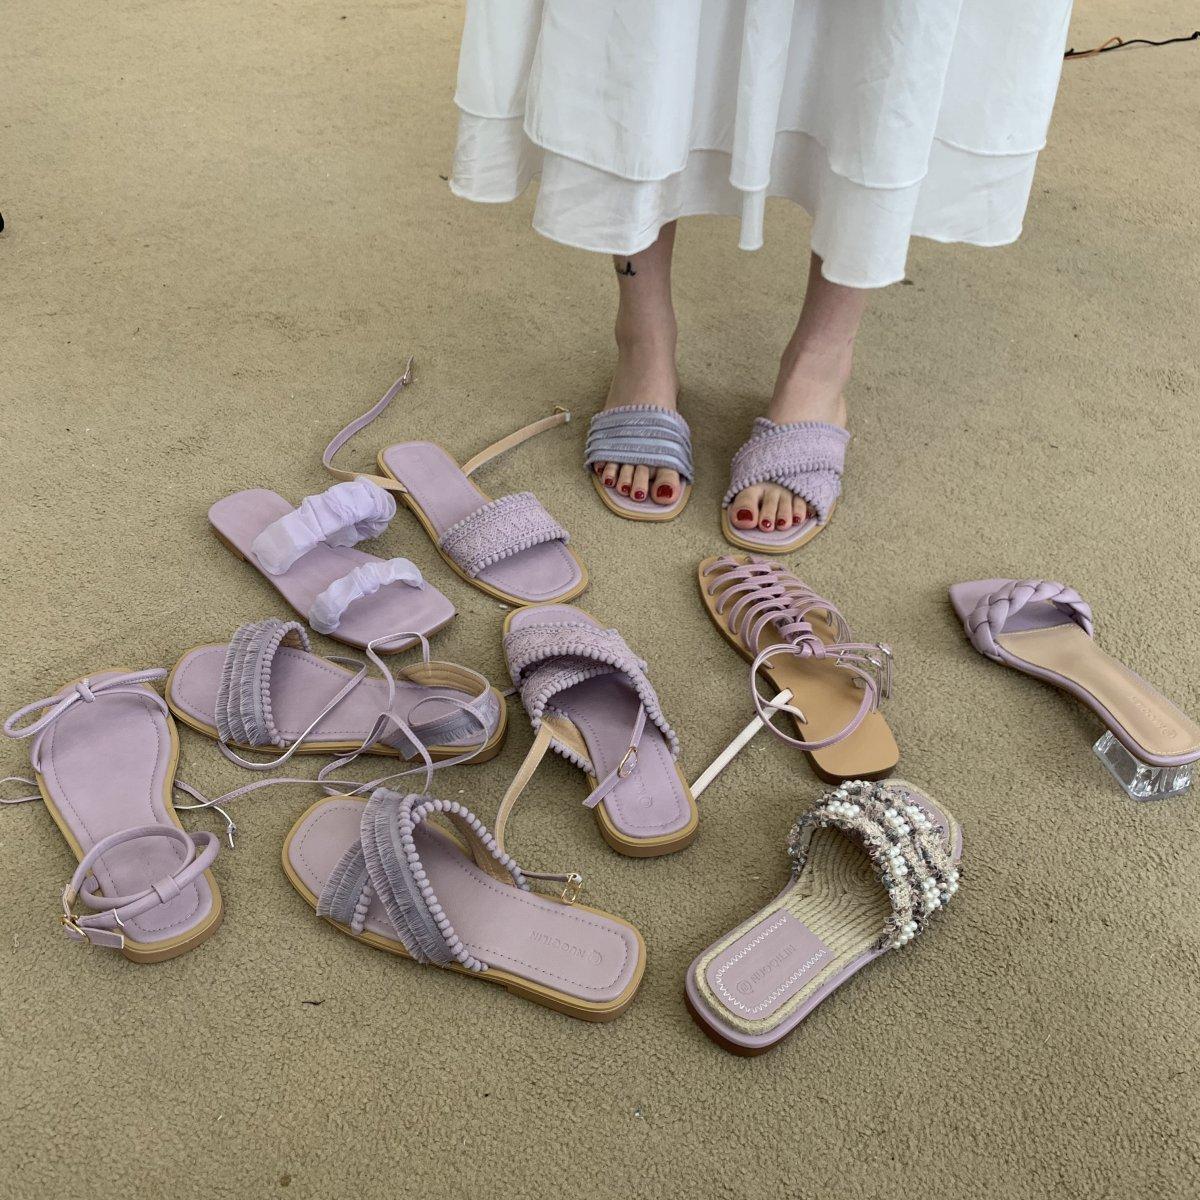 紫色凉鞋 紫色系~韩国东大门女鞋一字平底拖鞋2020夏季新款显瘦罗马凉鞋女_推荐淘宝好看的紫色凉鞋